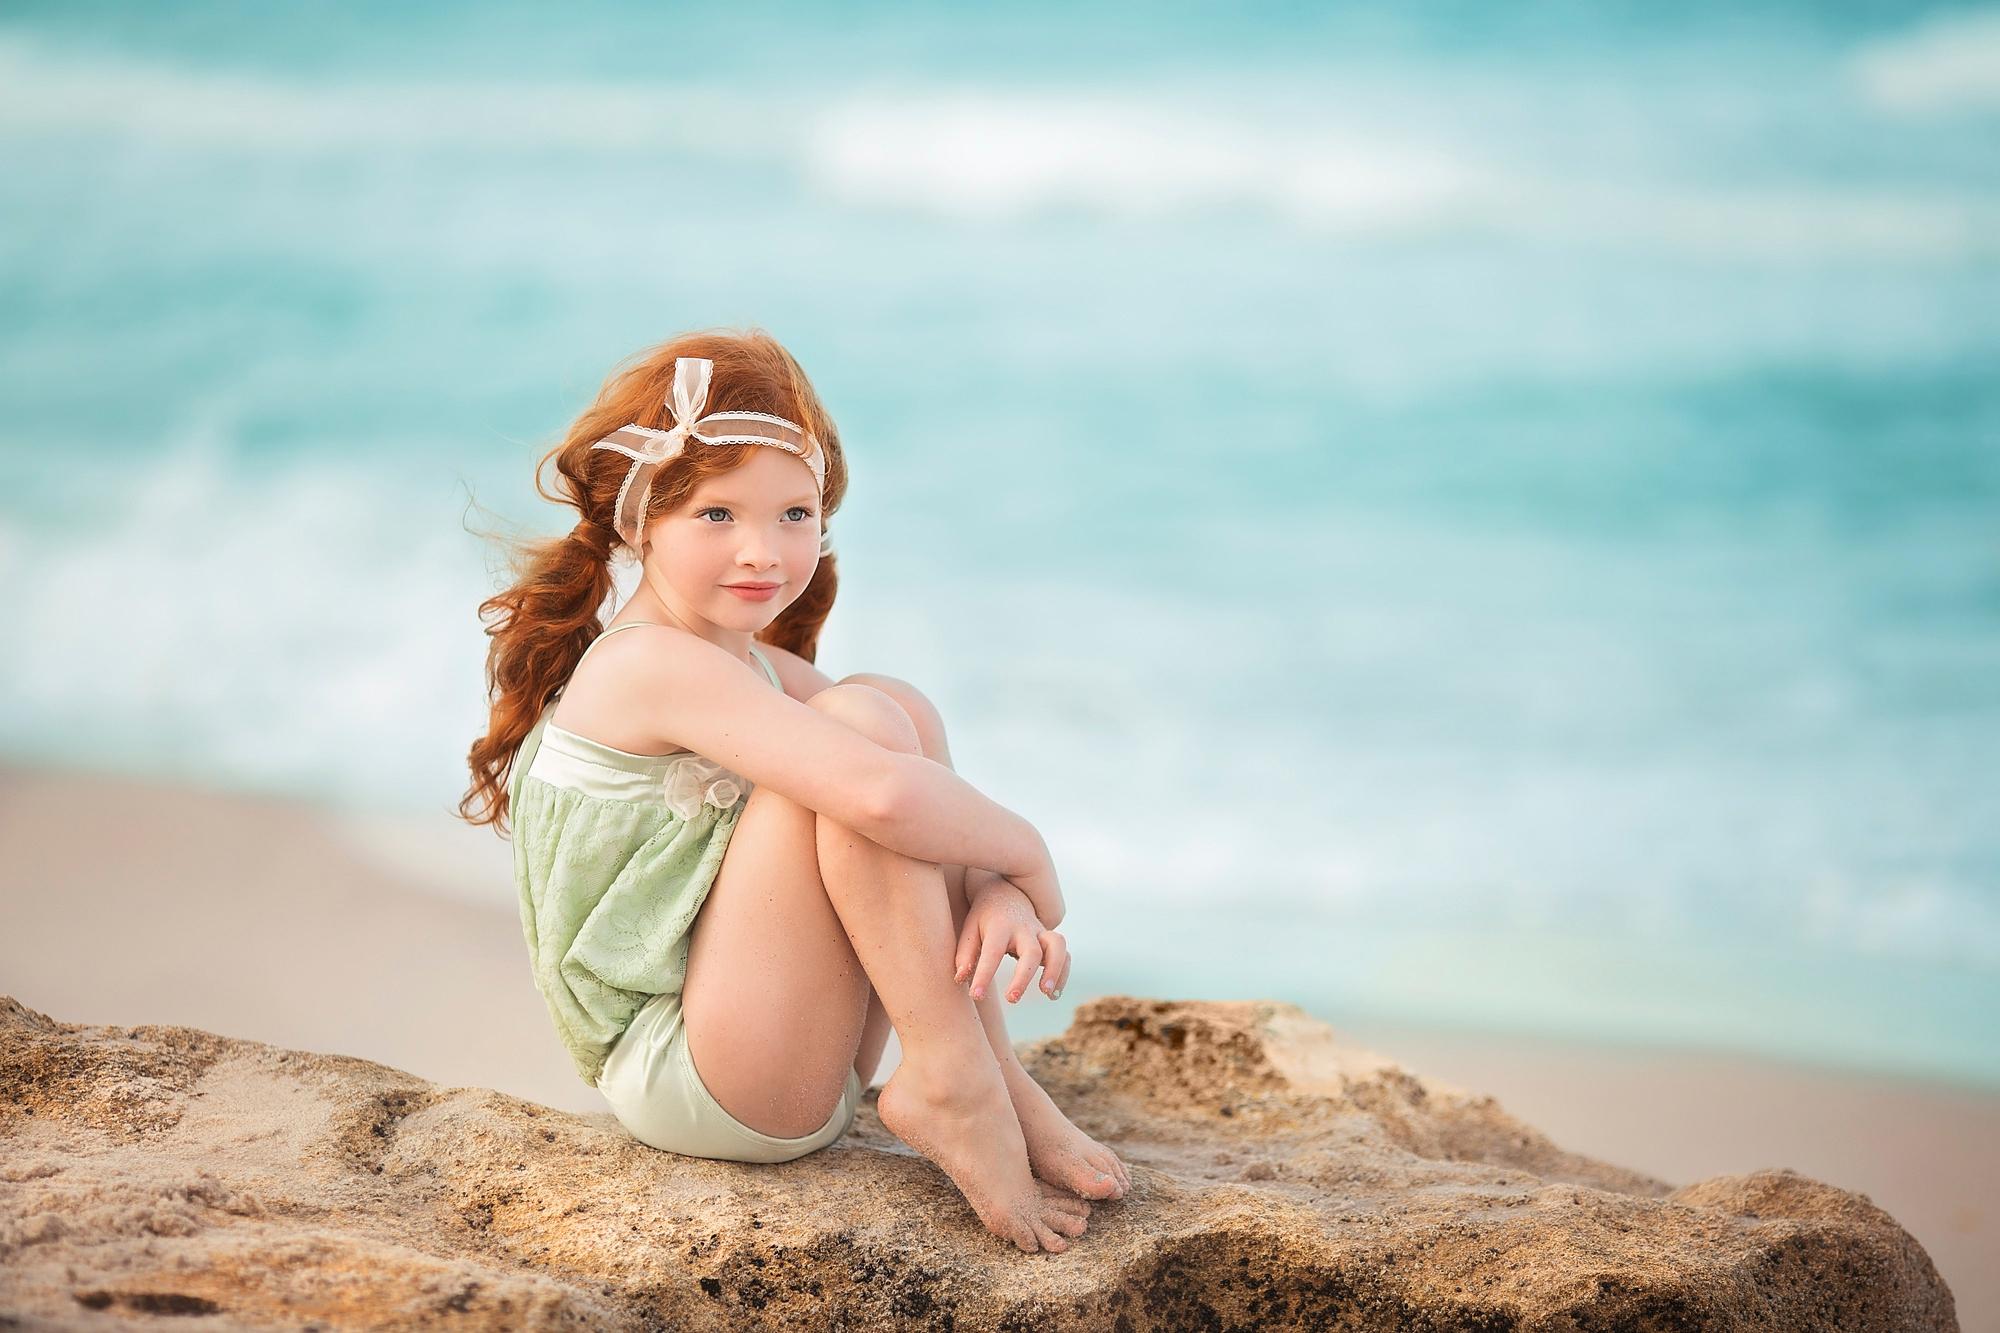 Фотографии рыжих девушек у моря 9 фотография